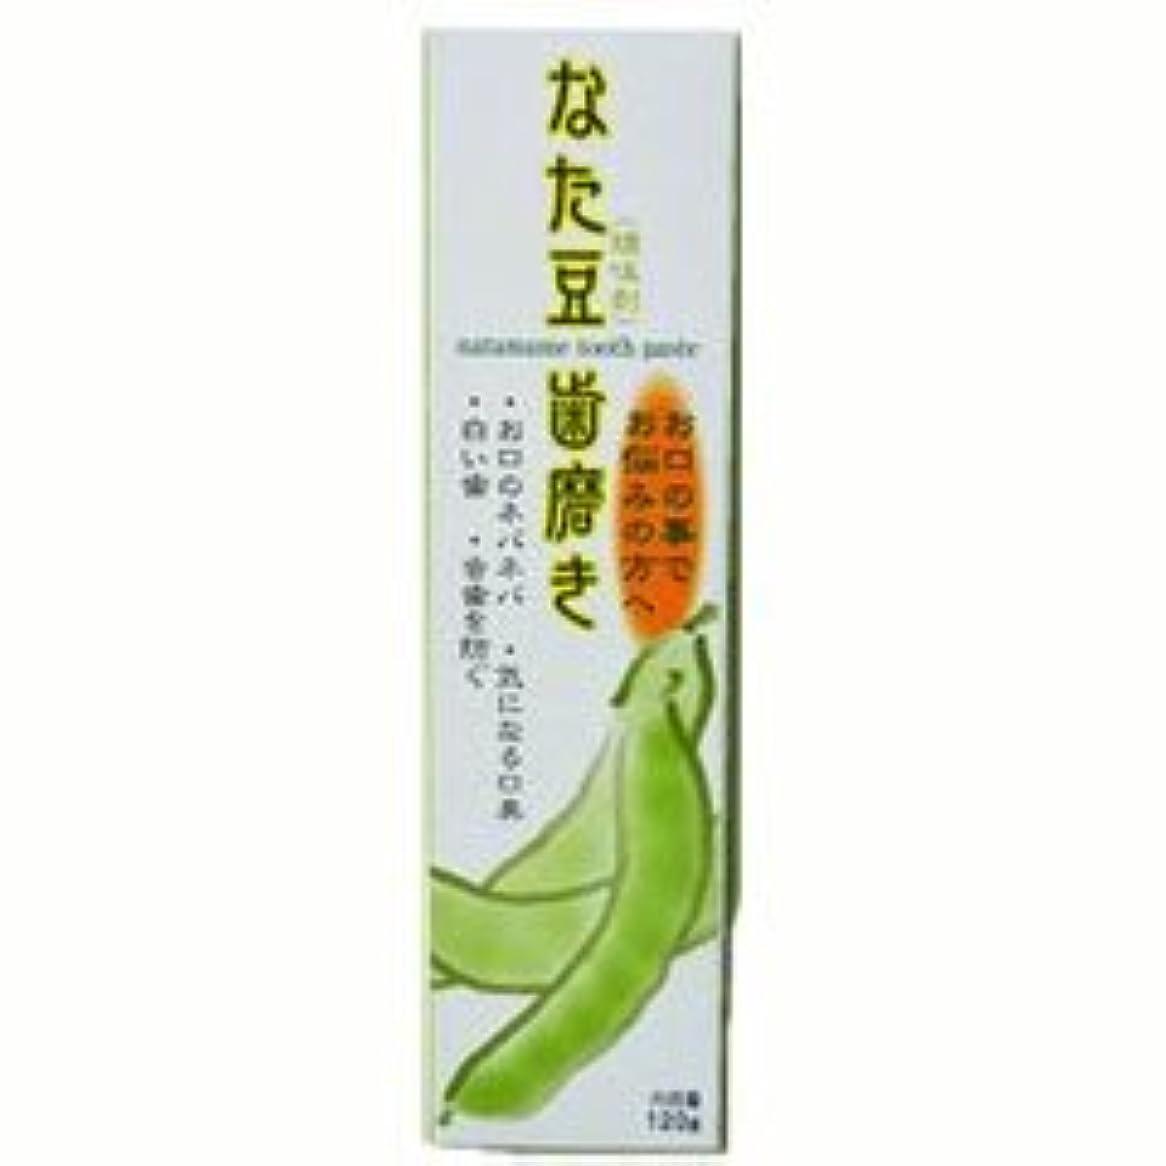 スポークスマン幅過去【モルゲンロート】なた豆歯磨き 120g